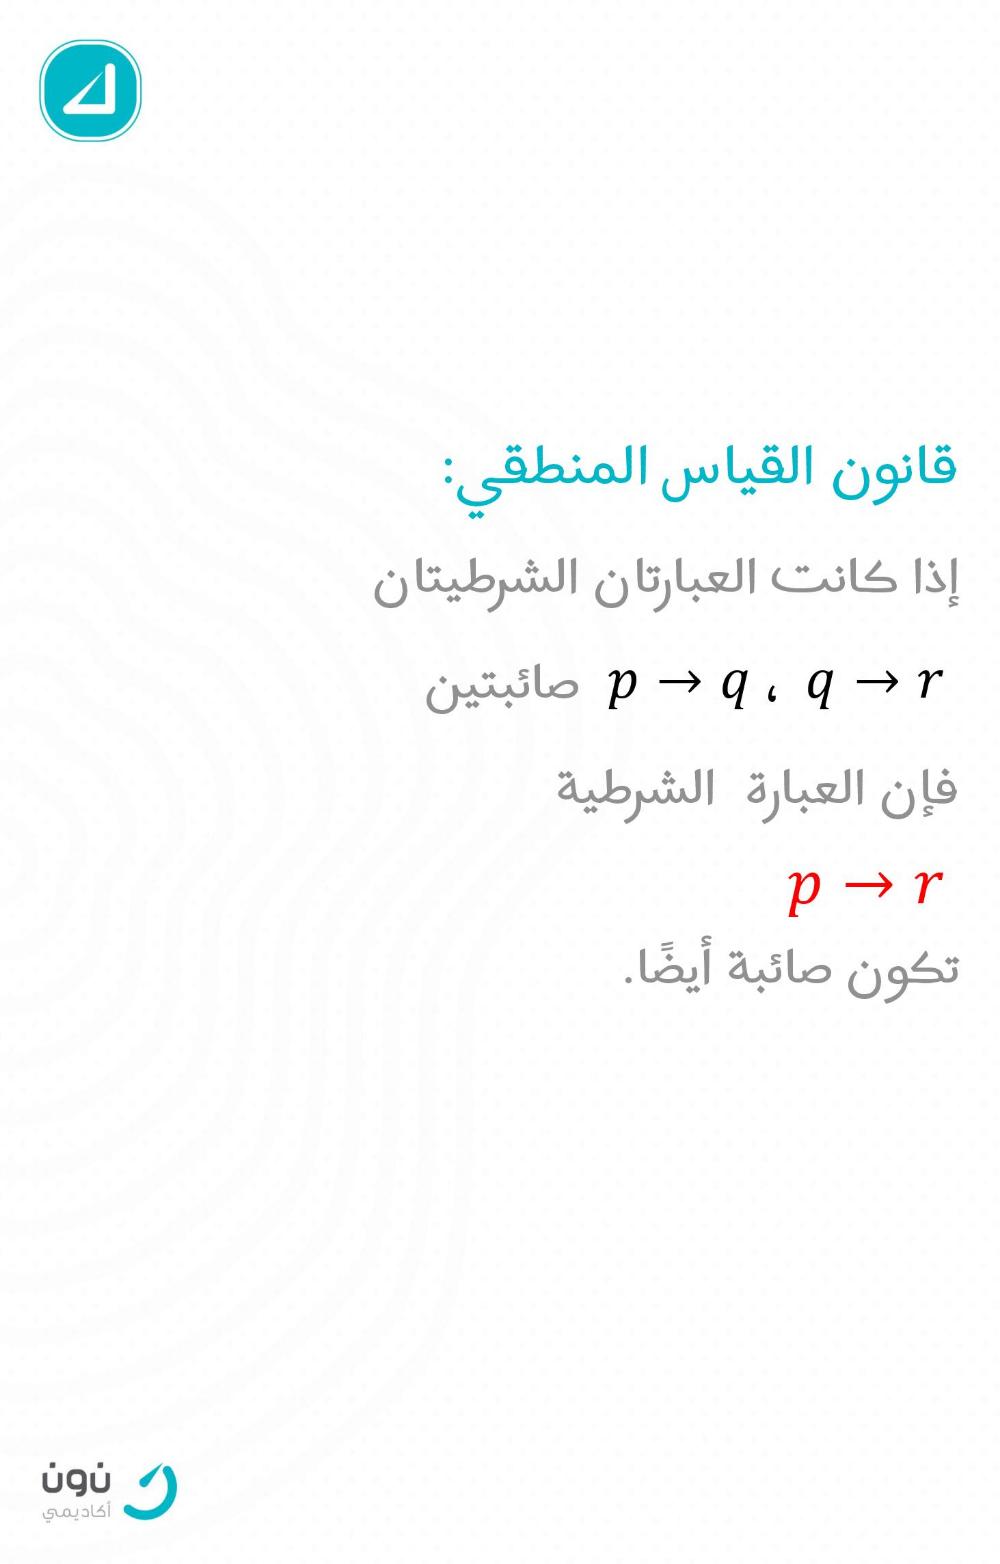 رياضيات أولى ثانوي الفصل الدراسي الأول بطاقة شرح 4 Flashcards Math Math Equations